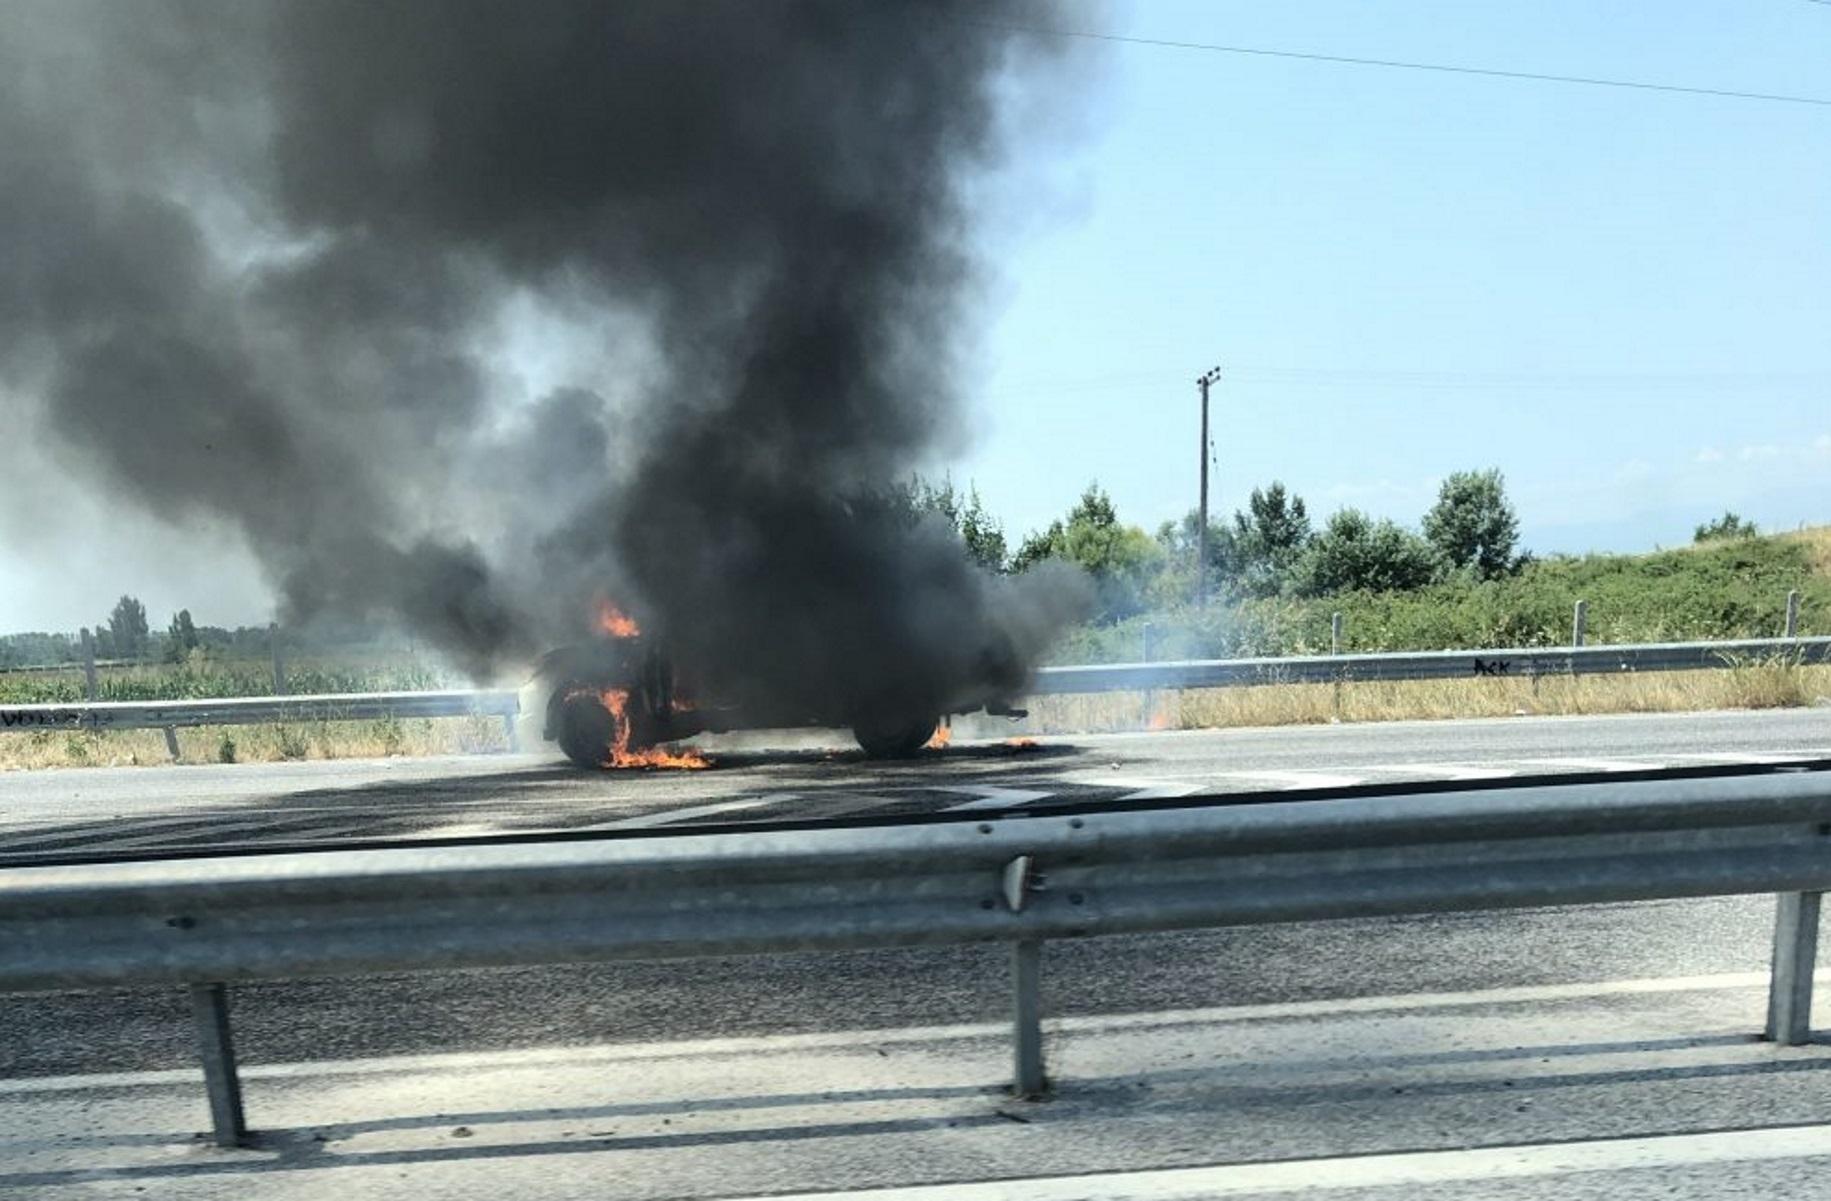 Τρίκαλα: Ανοιχτό φορτηγάκι τυλίχτηκε στις φλόγες